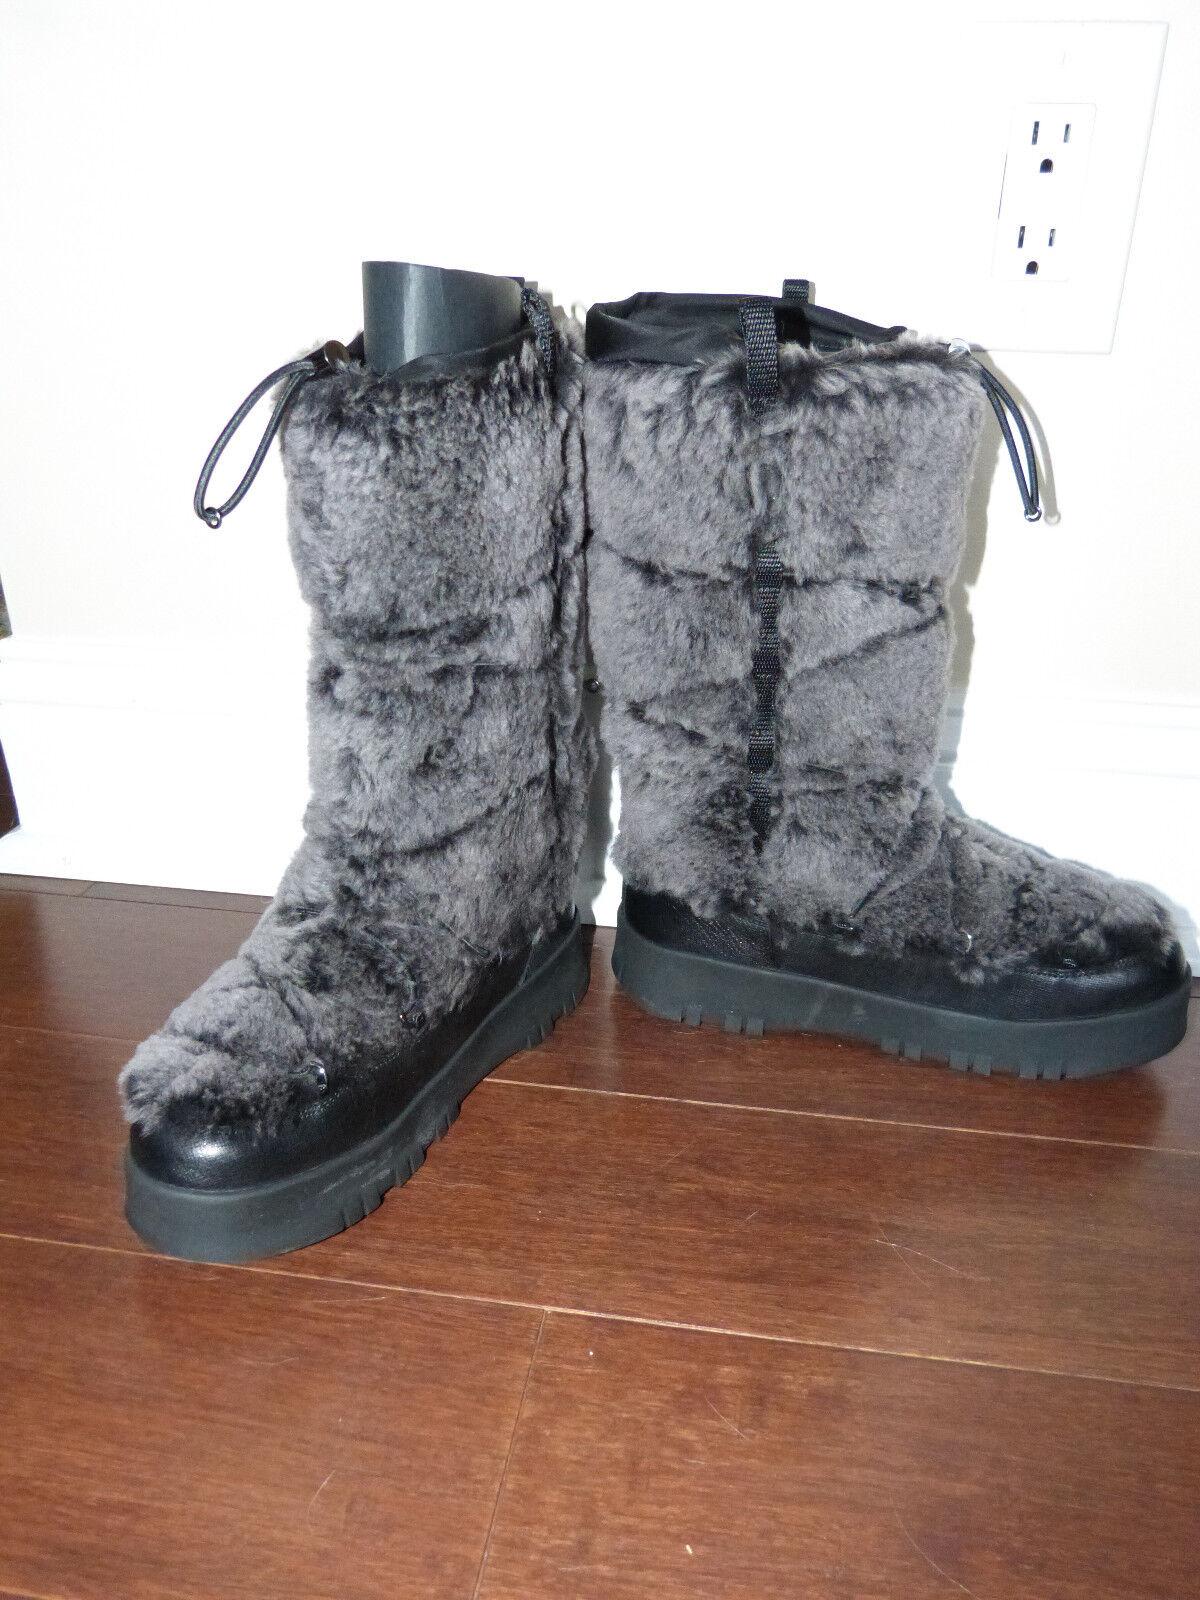 Prada snow Stiefel Stiefel Stiefel NEW 36.5 fur outside, fleece lined, very warm 75f616